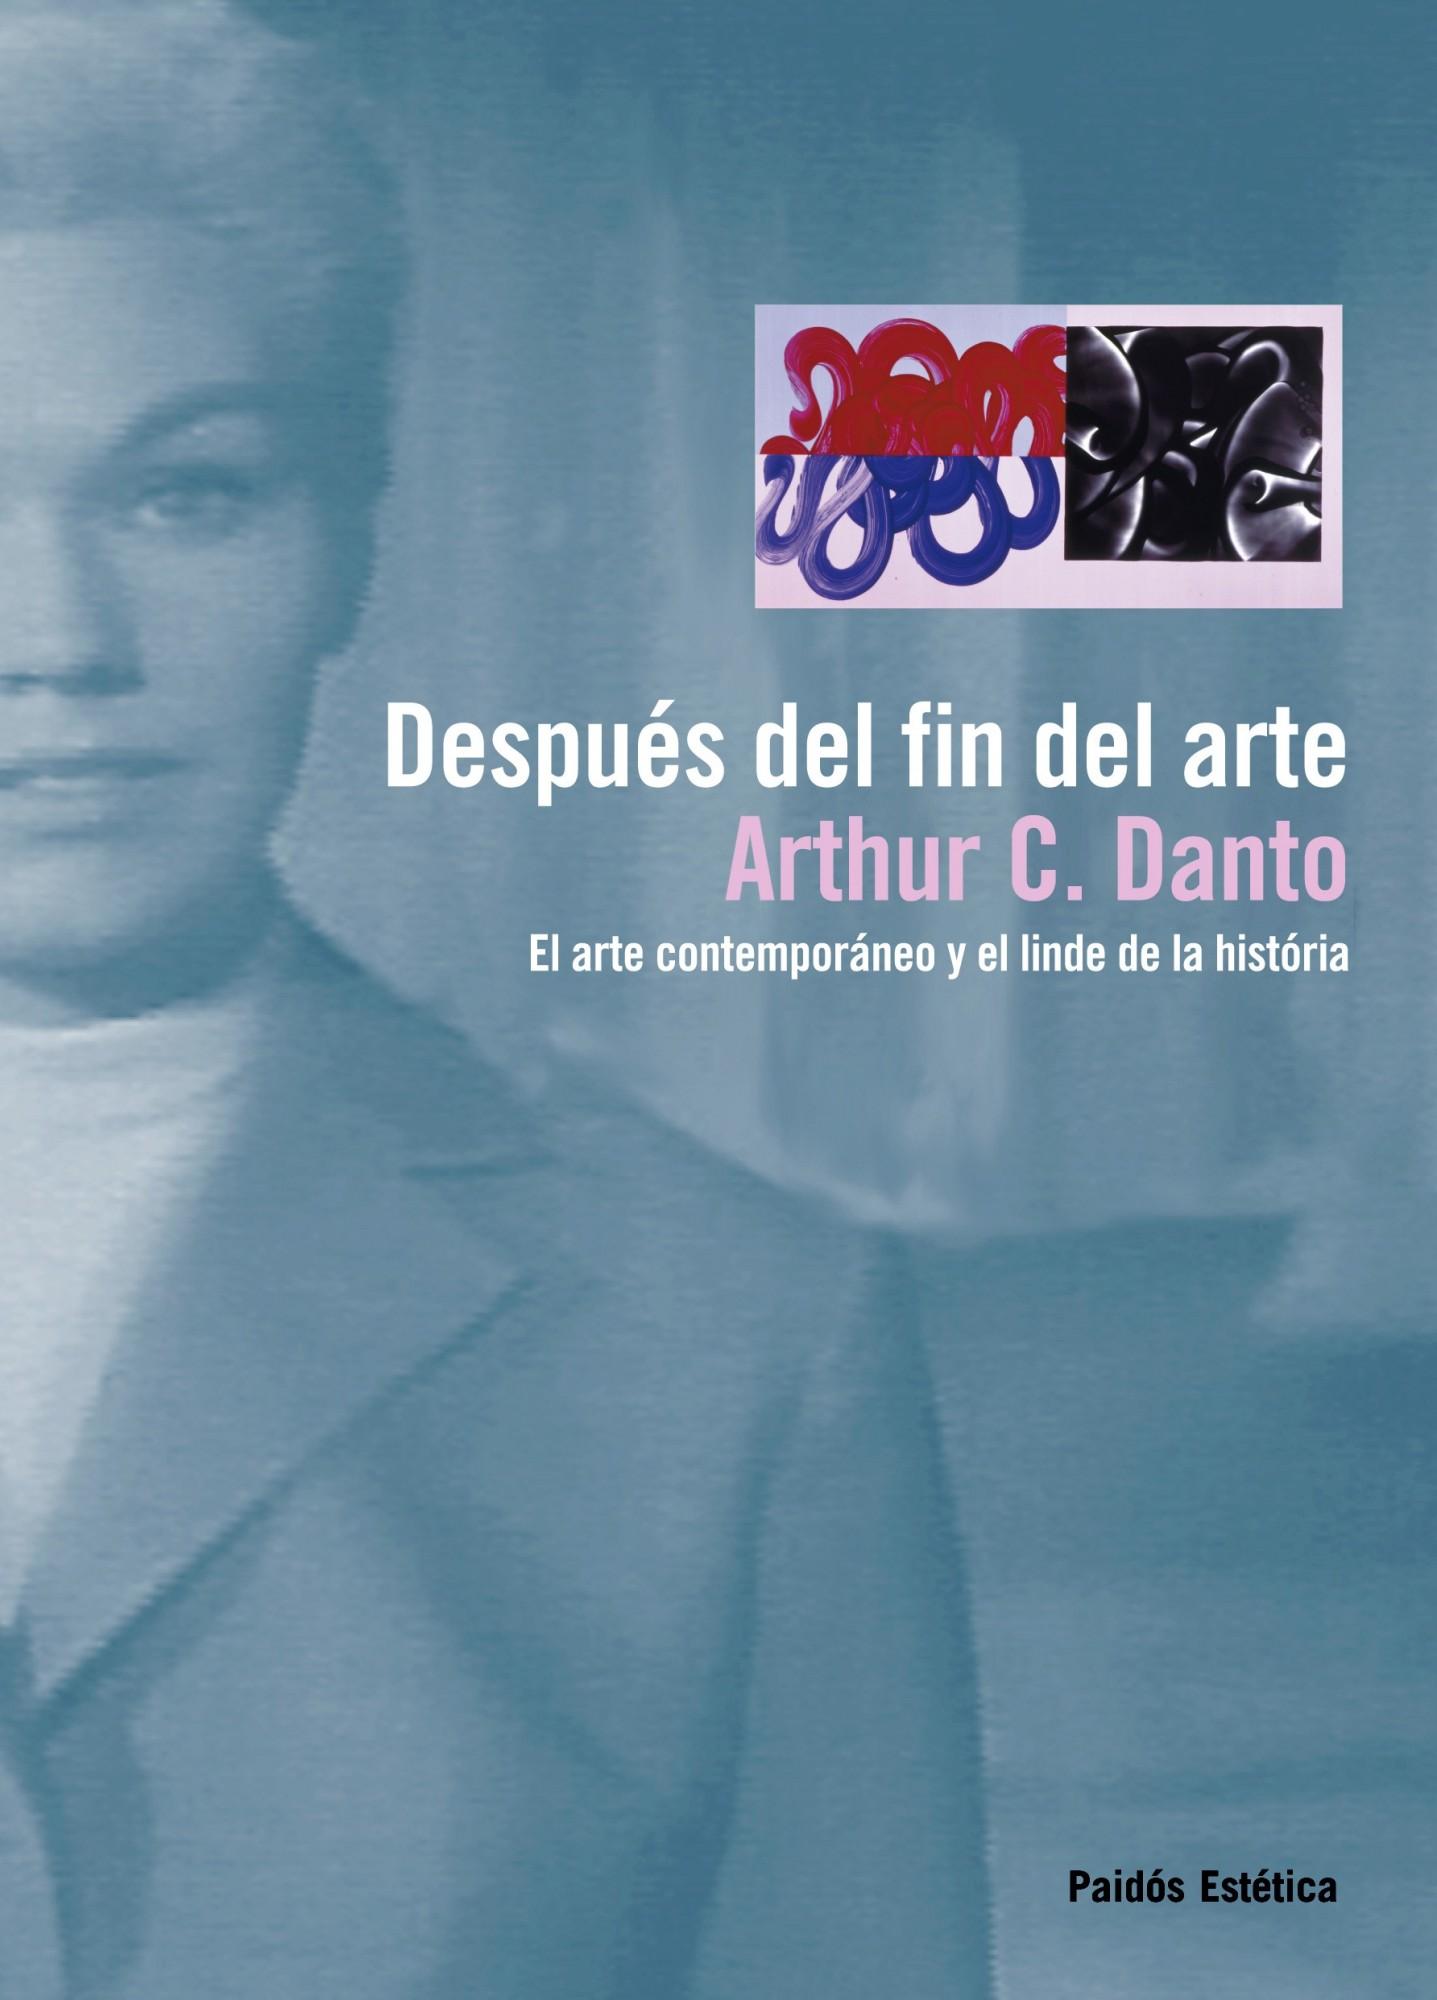 Despues Del Fin Del Arte: El Arte Contemporaneo Y El Linde De La Historia por Arthur C. Danto